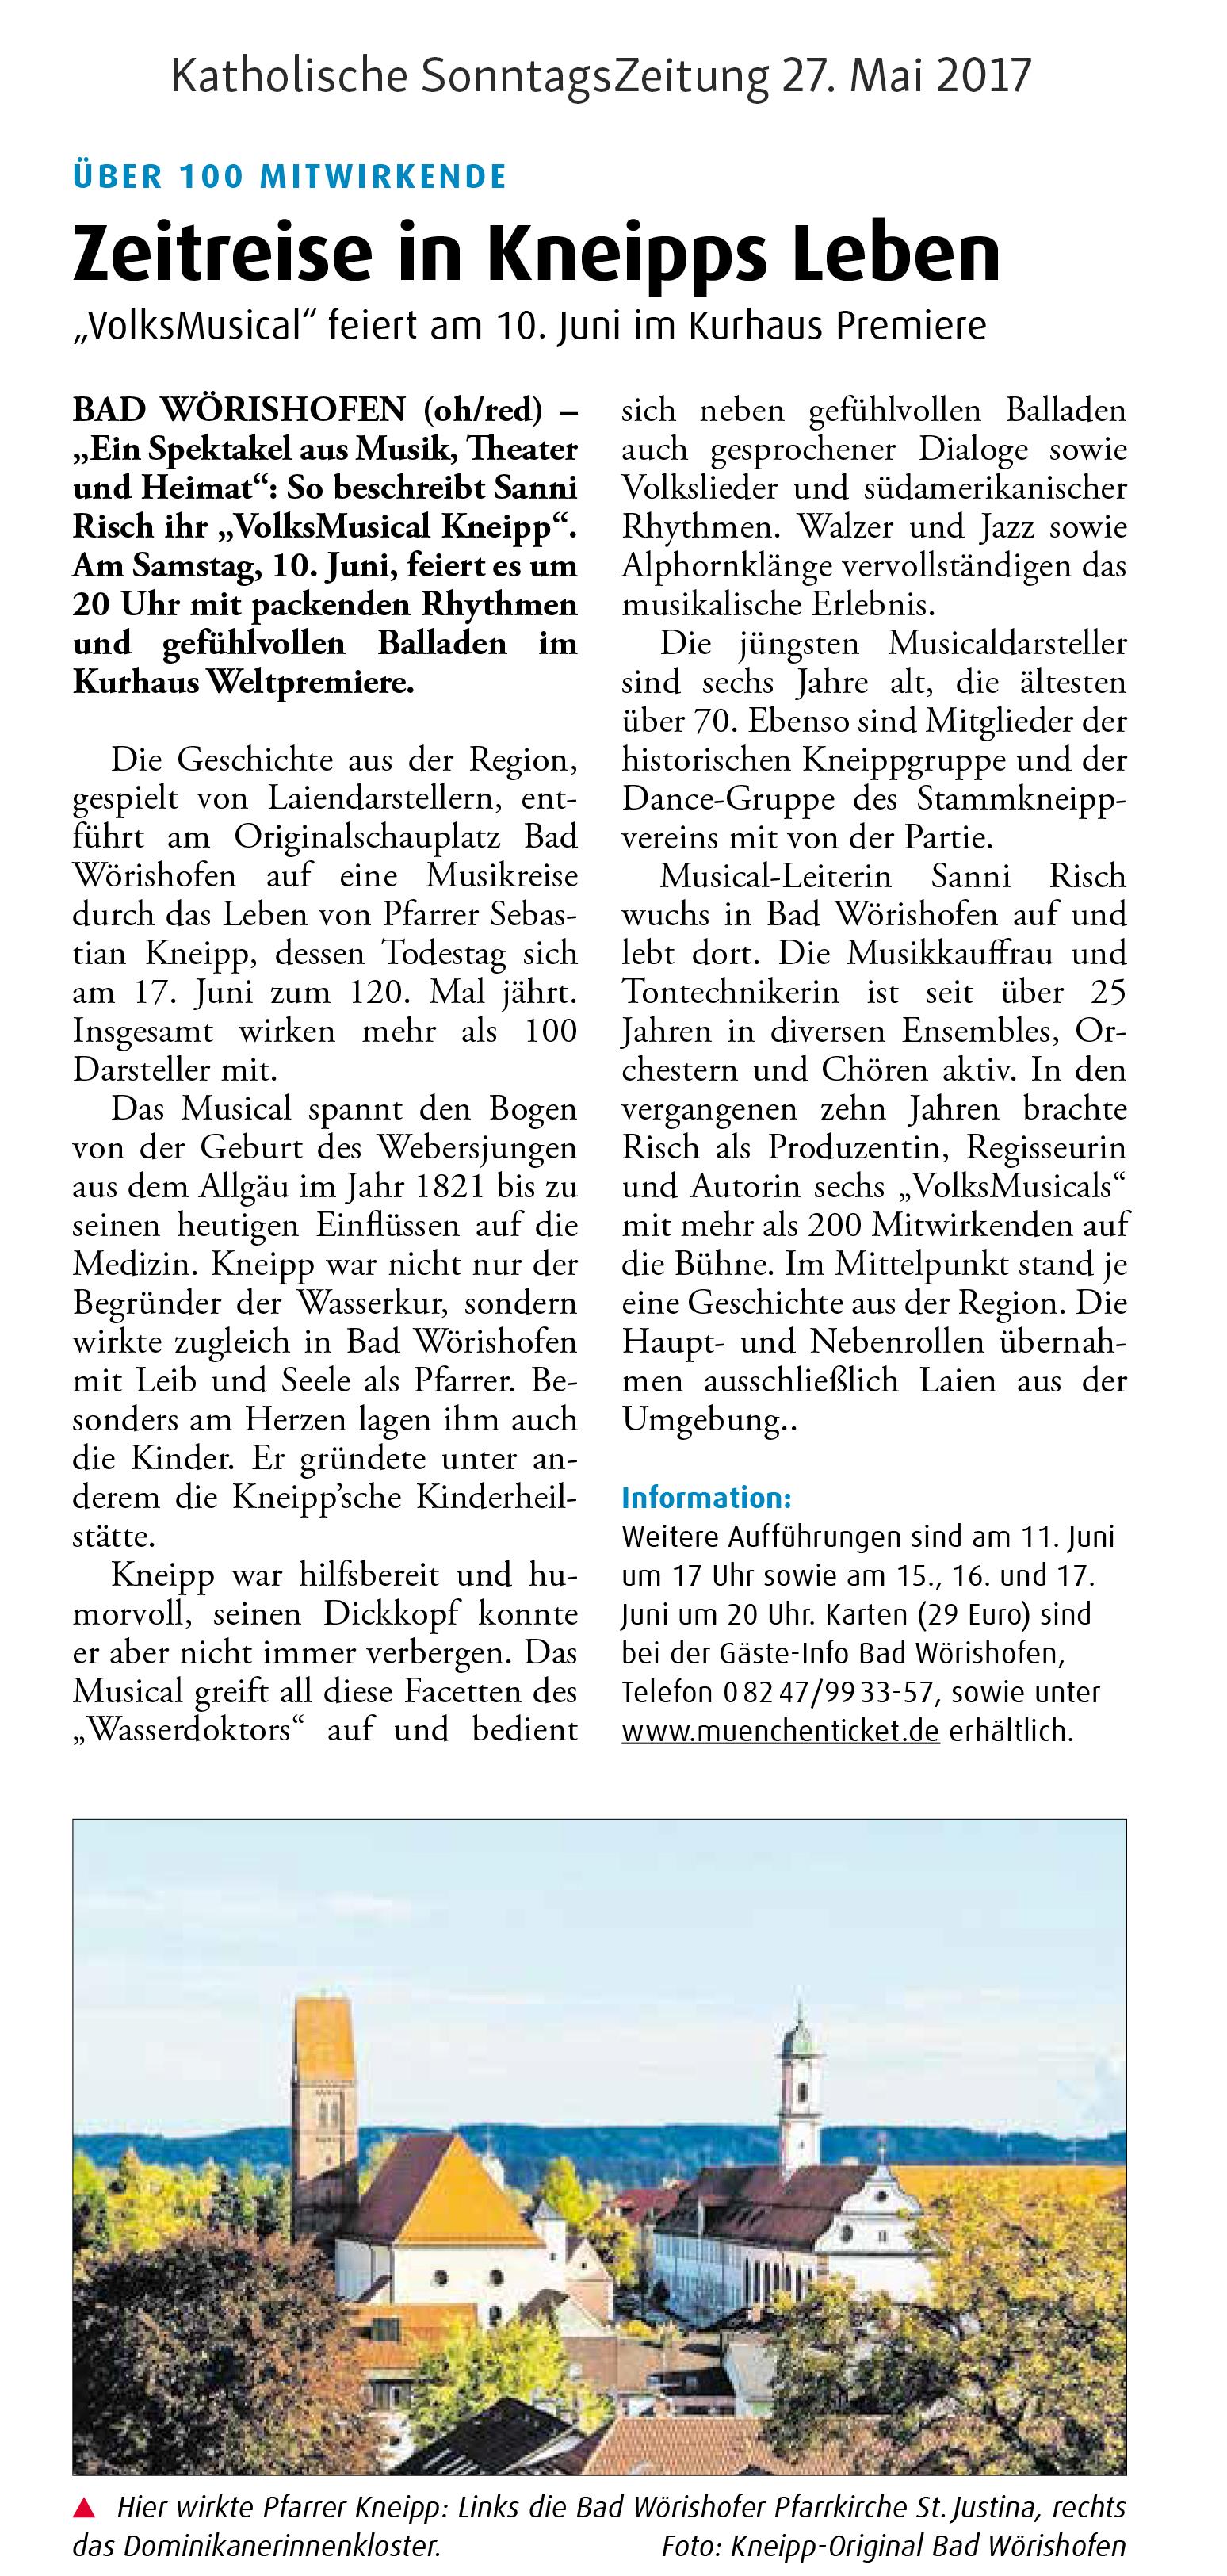 """Vorbericht """"Katholische SonntagsZeitung"""""""